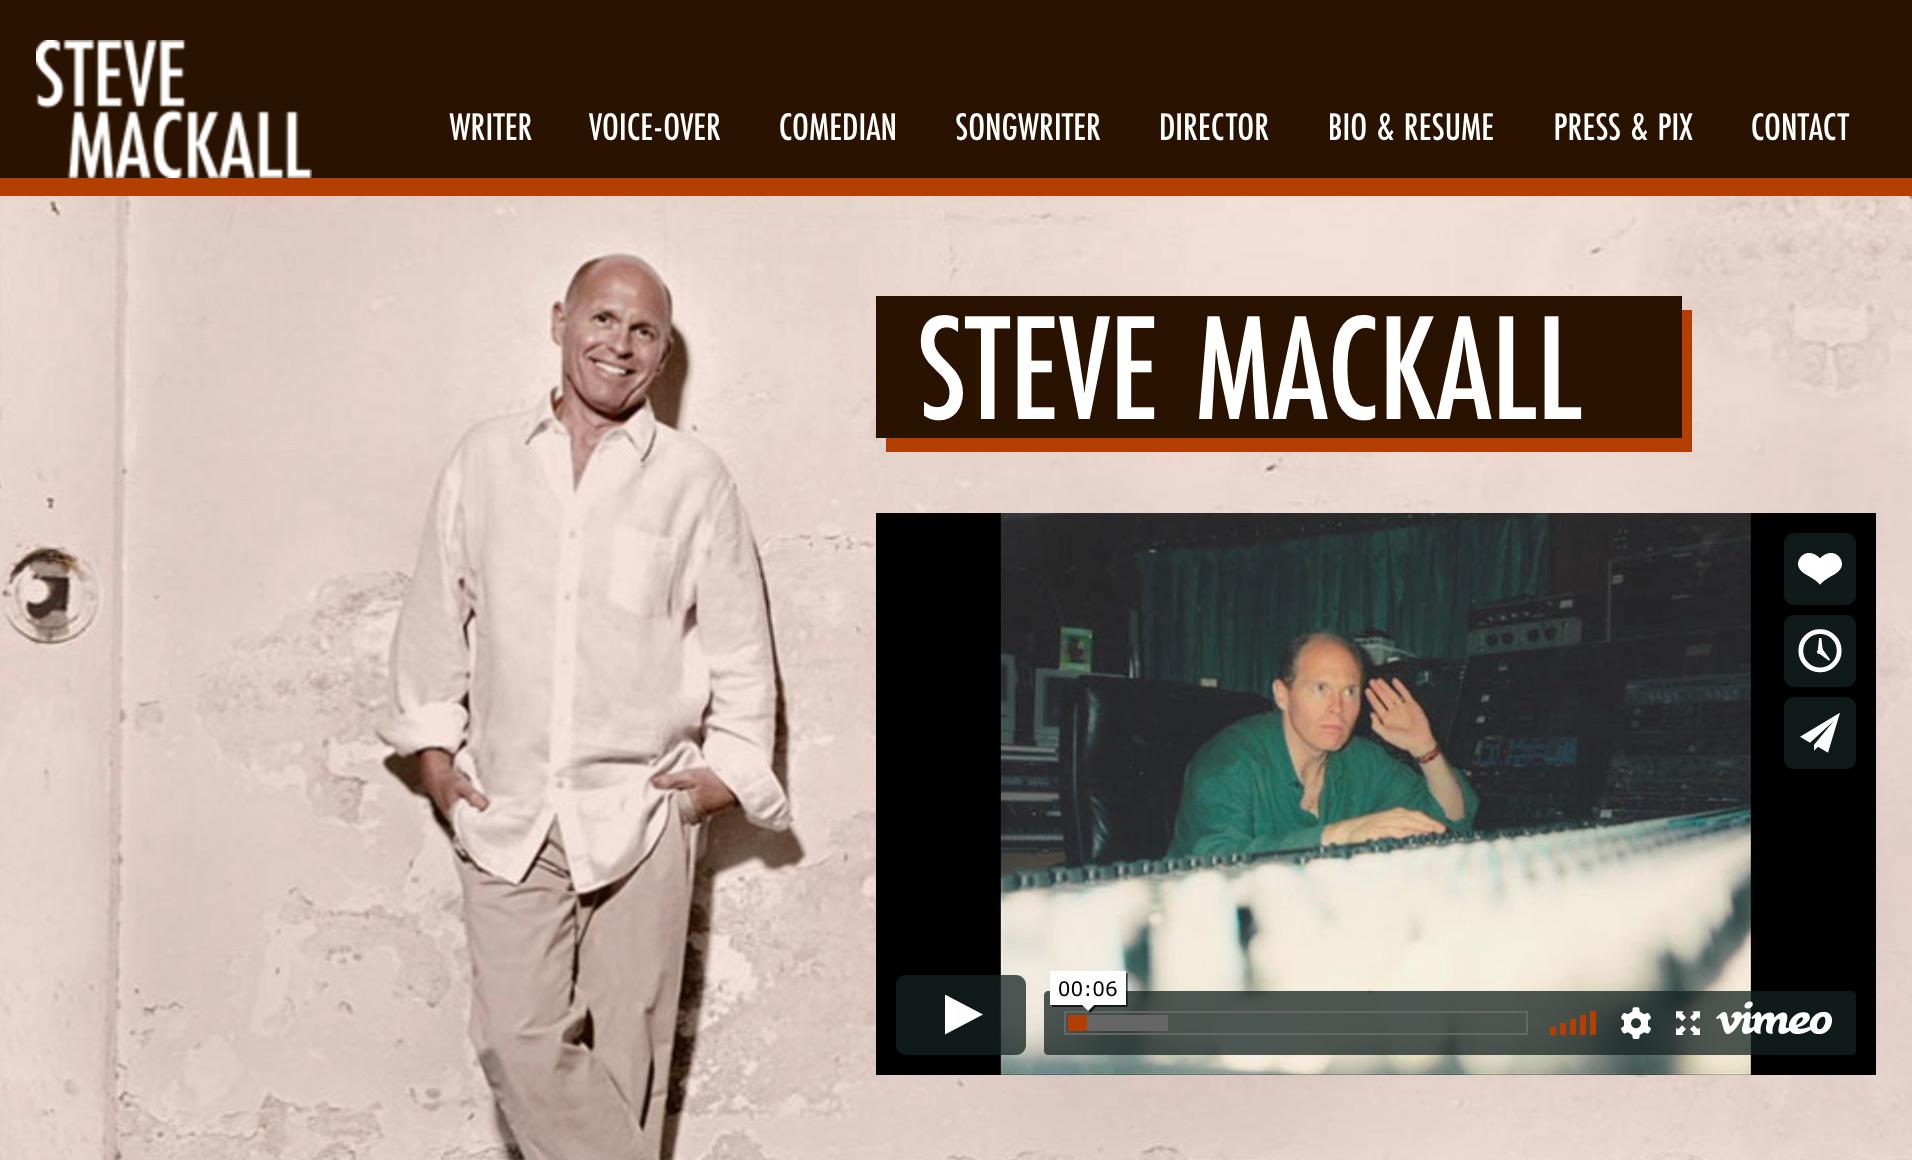 SteveMackall.com